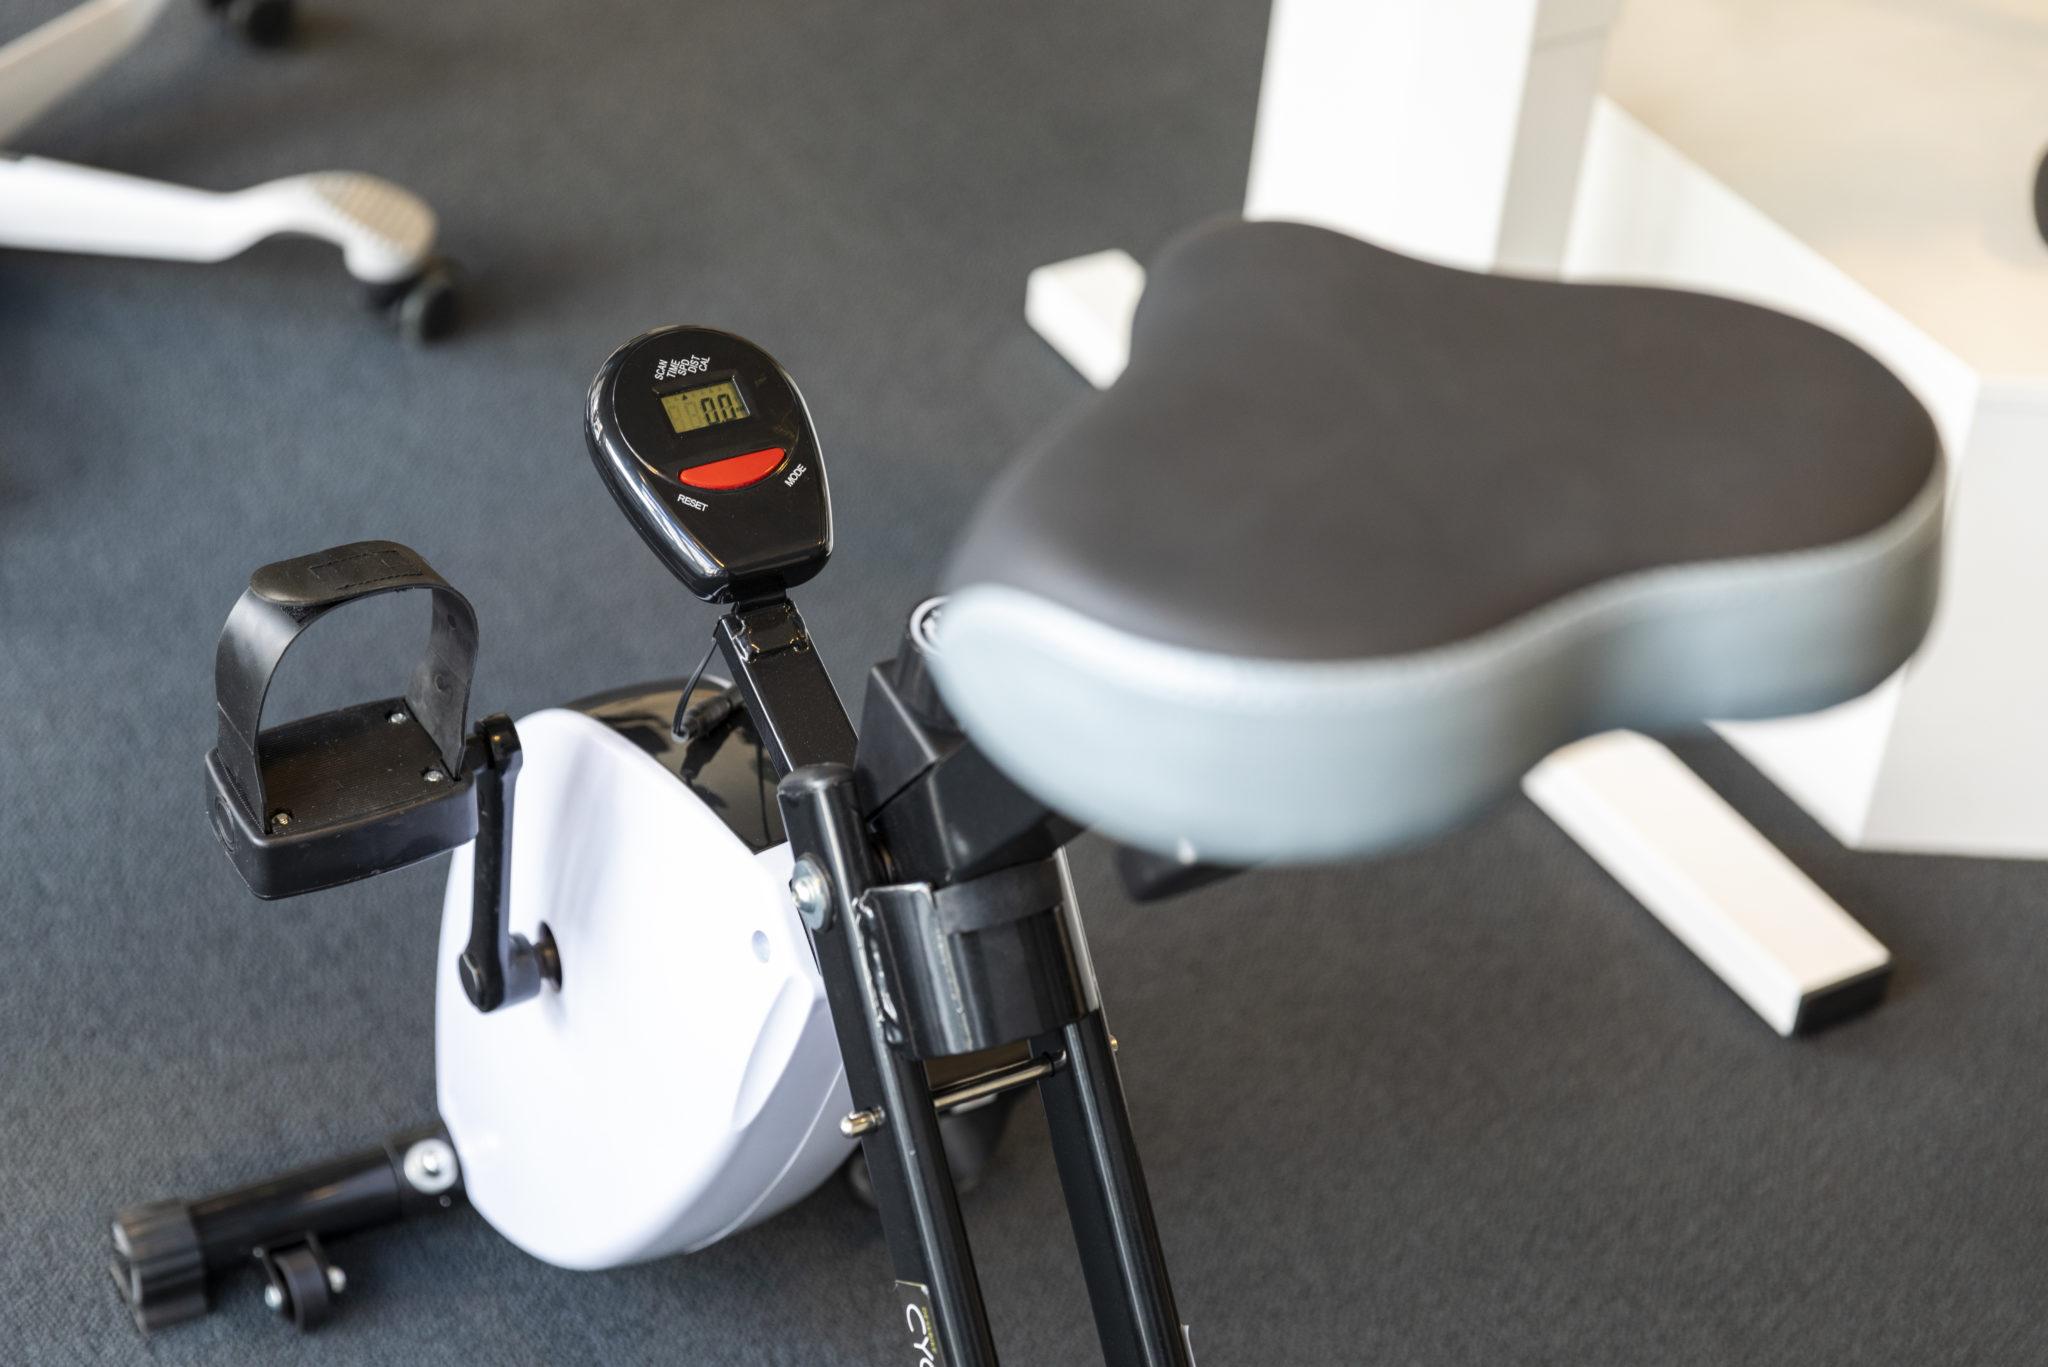 ergonomische producten deskbike Heering Office Den Haag